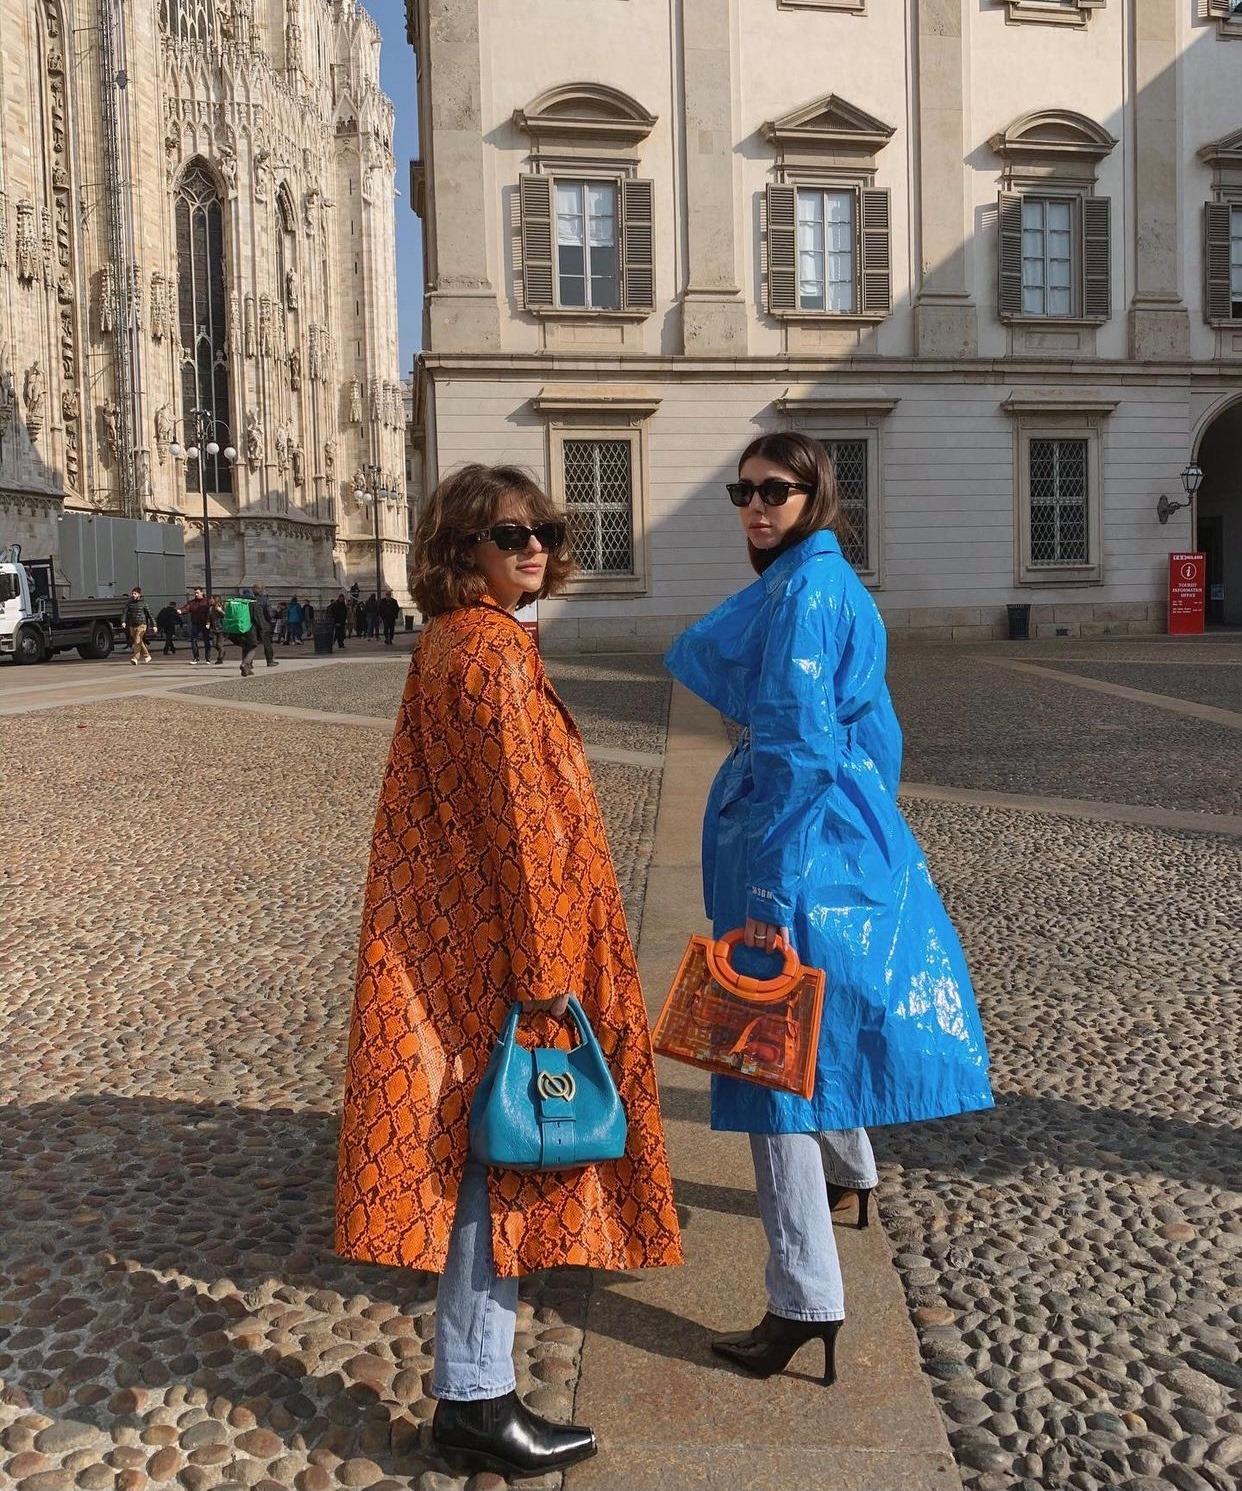 Phối áo khoác cam da rắn cùng túi xách xanh lam